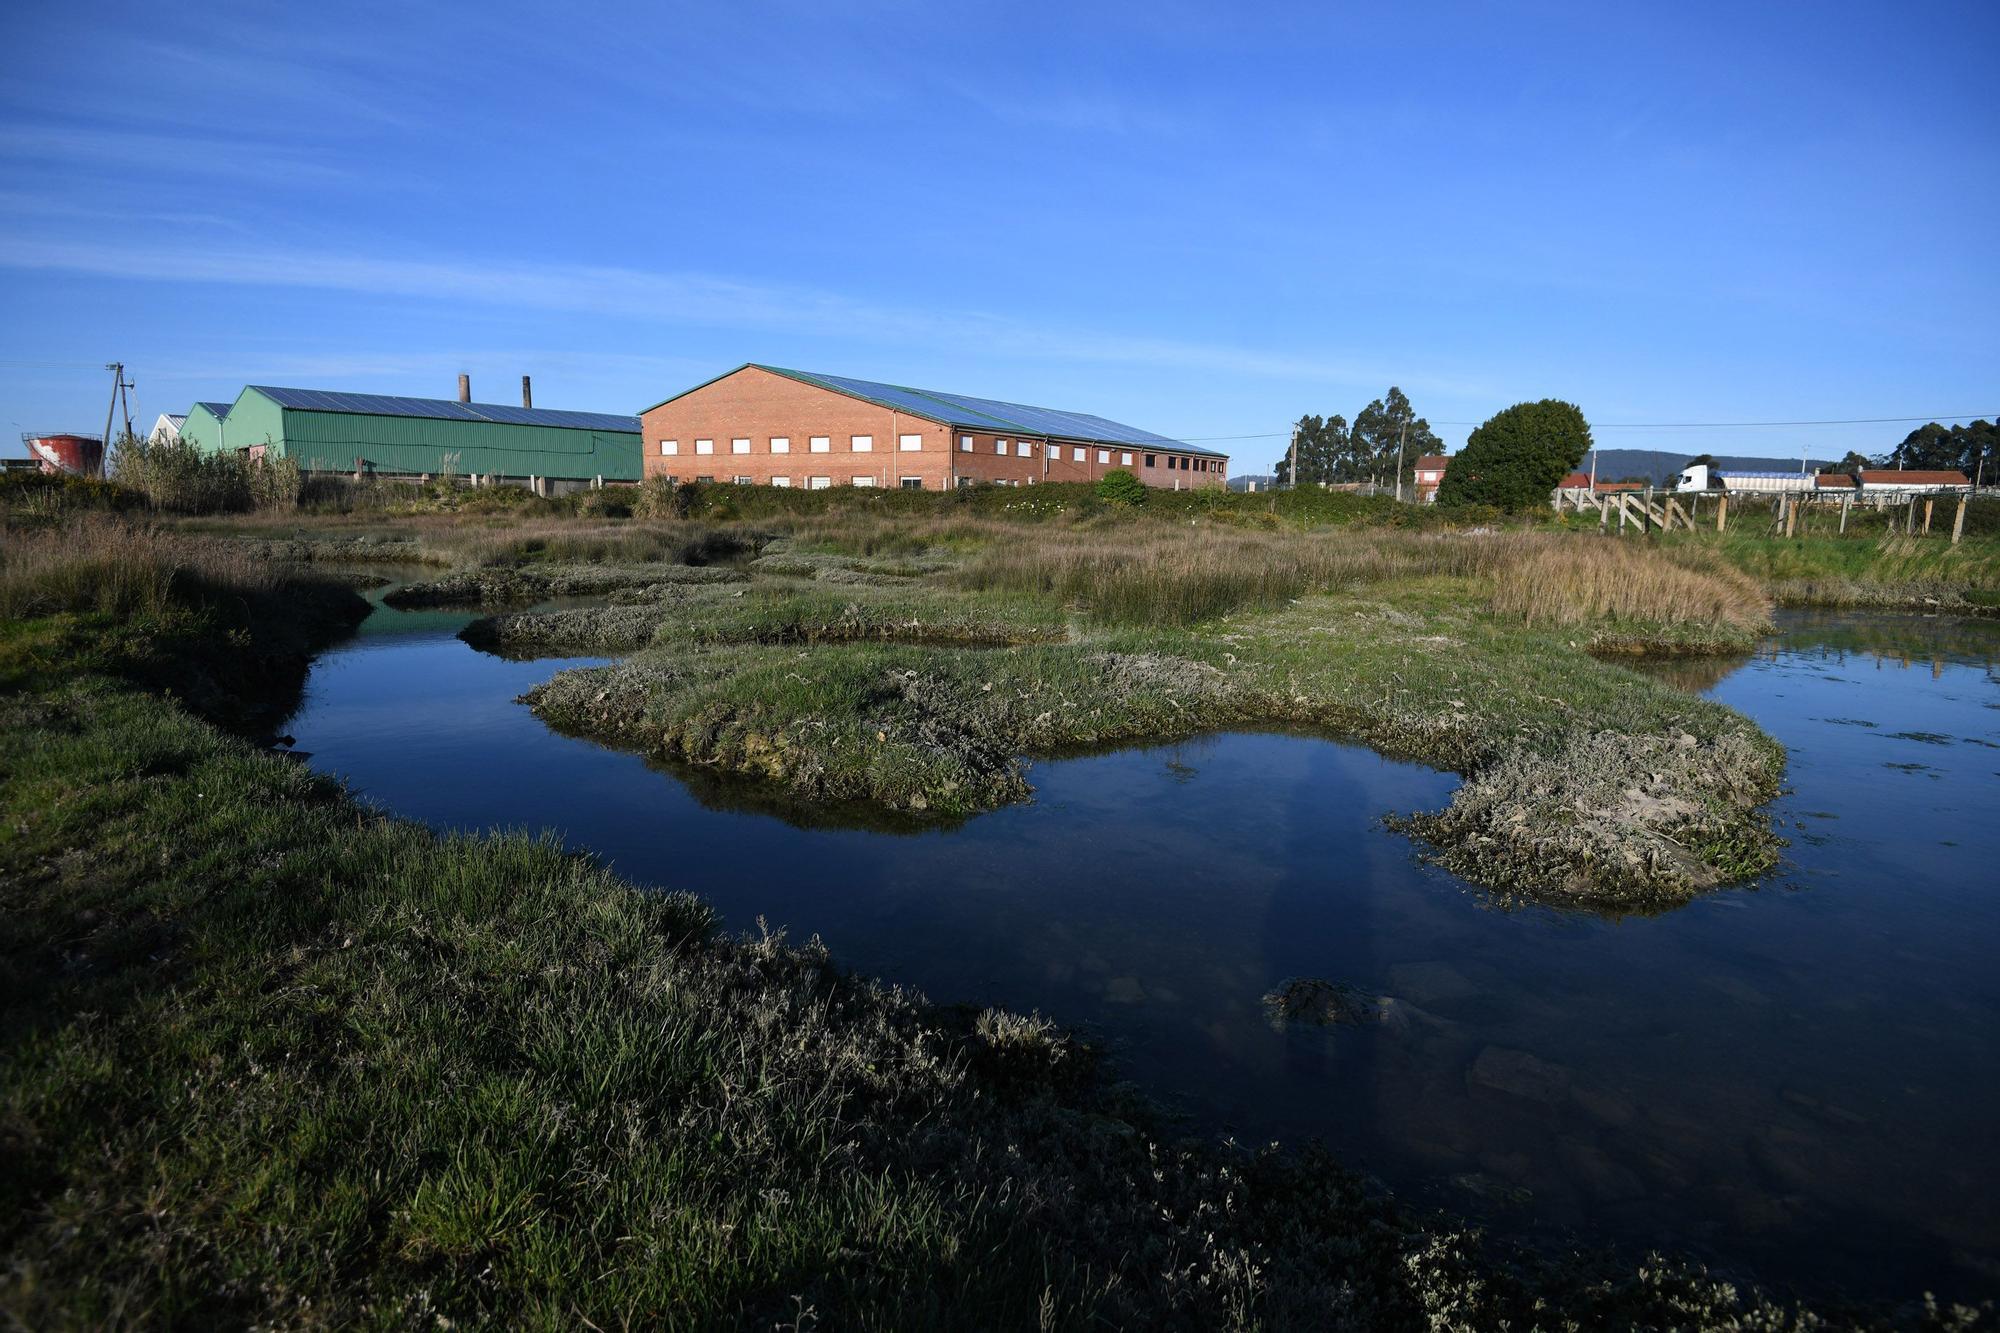 La ensenada de Arnosa, una joya histórica y ambiental